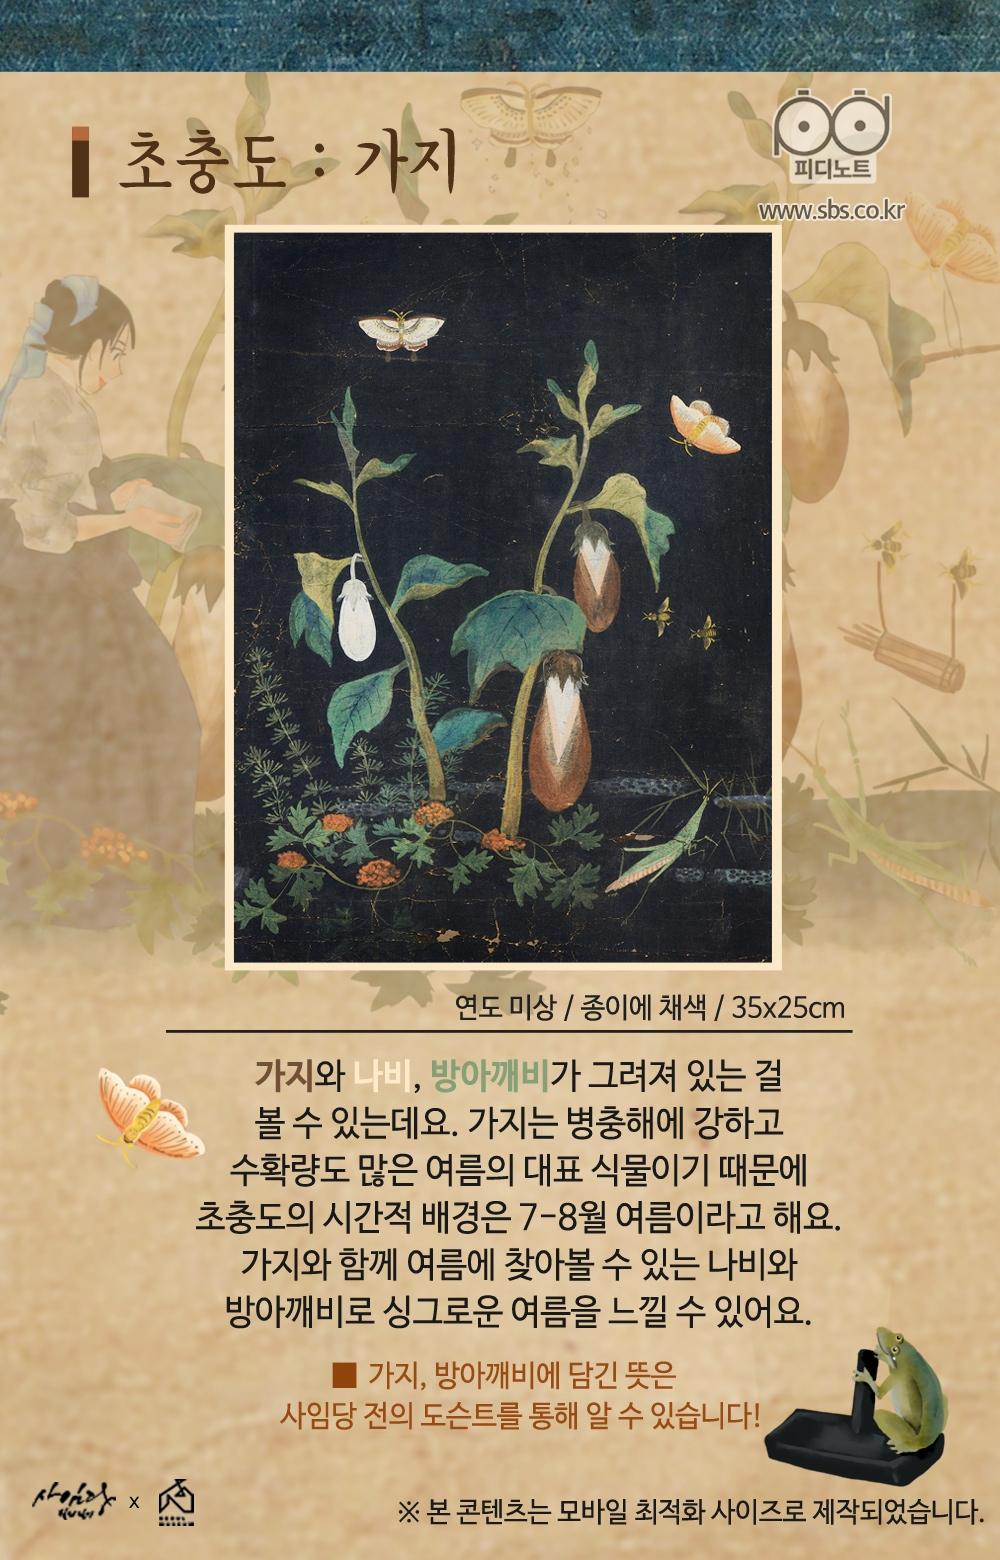 가지와 나비, 방아깨비가 그려져 있는 걸 볼 수 있는데요, 가지는 병충해에 강하고 수확량도 많은 여름의 대표 식물이래요.